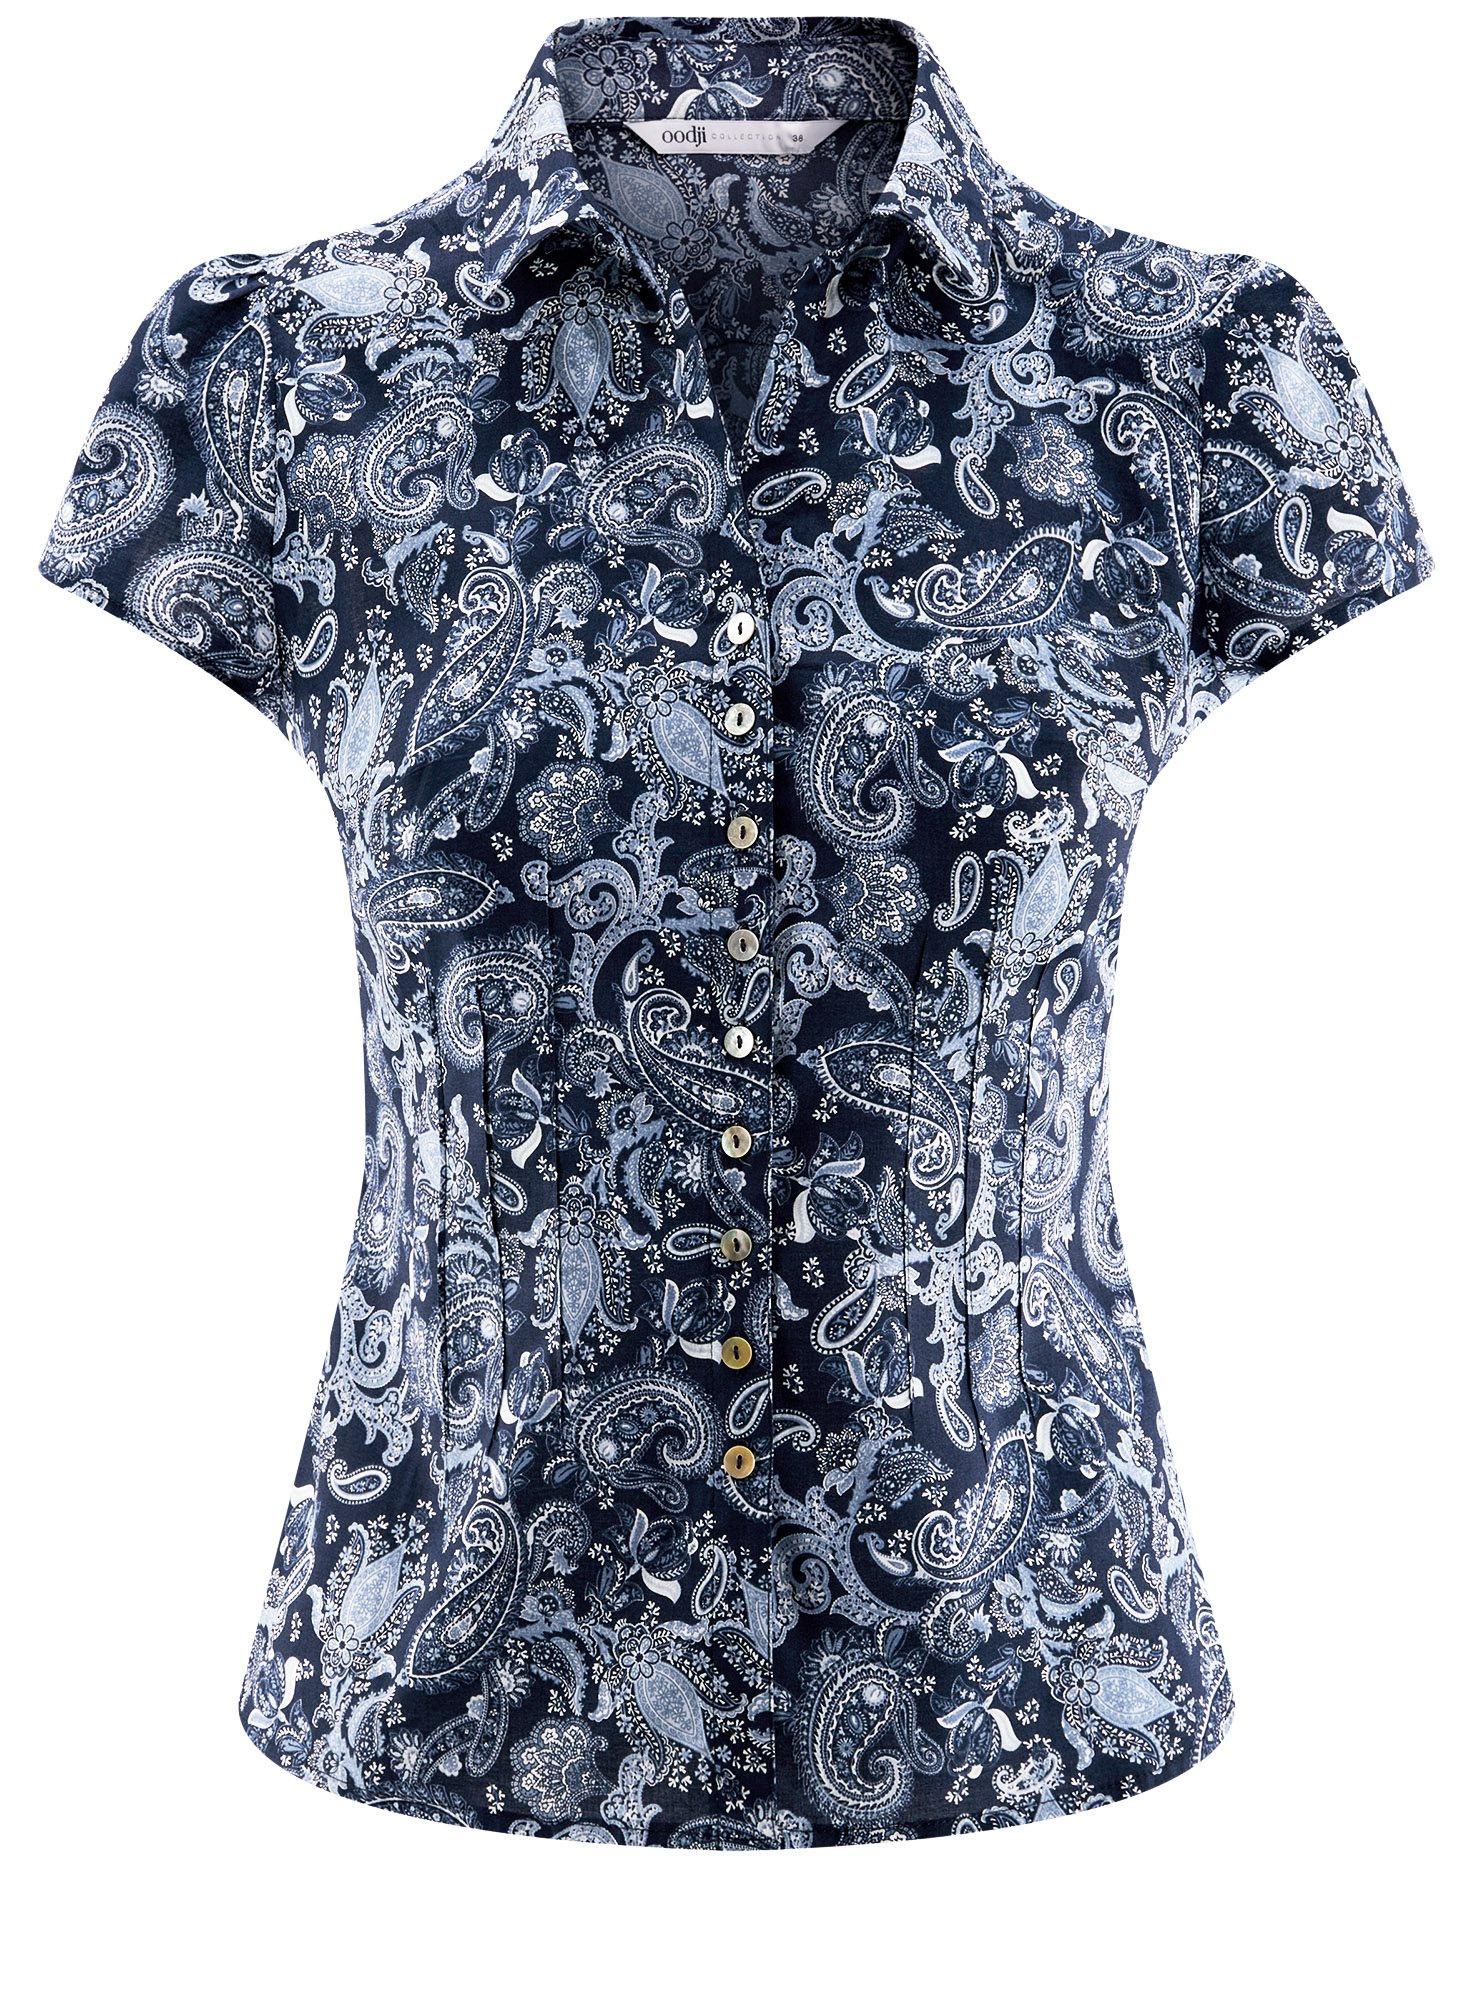 Блузка принтованная из легкой ткани oodji для женщины (синий), 21407022-9/12836/7974E